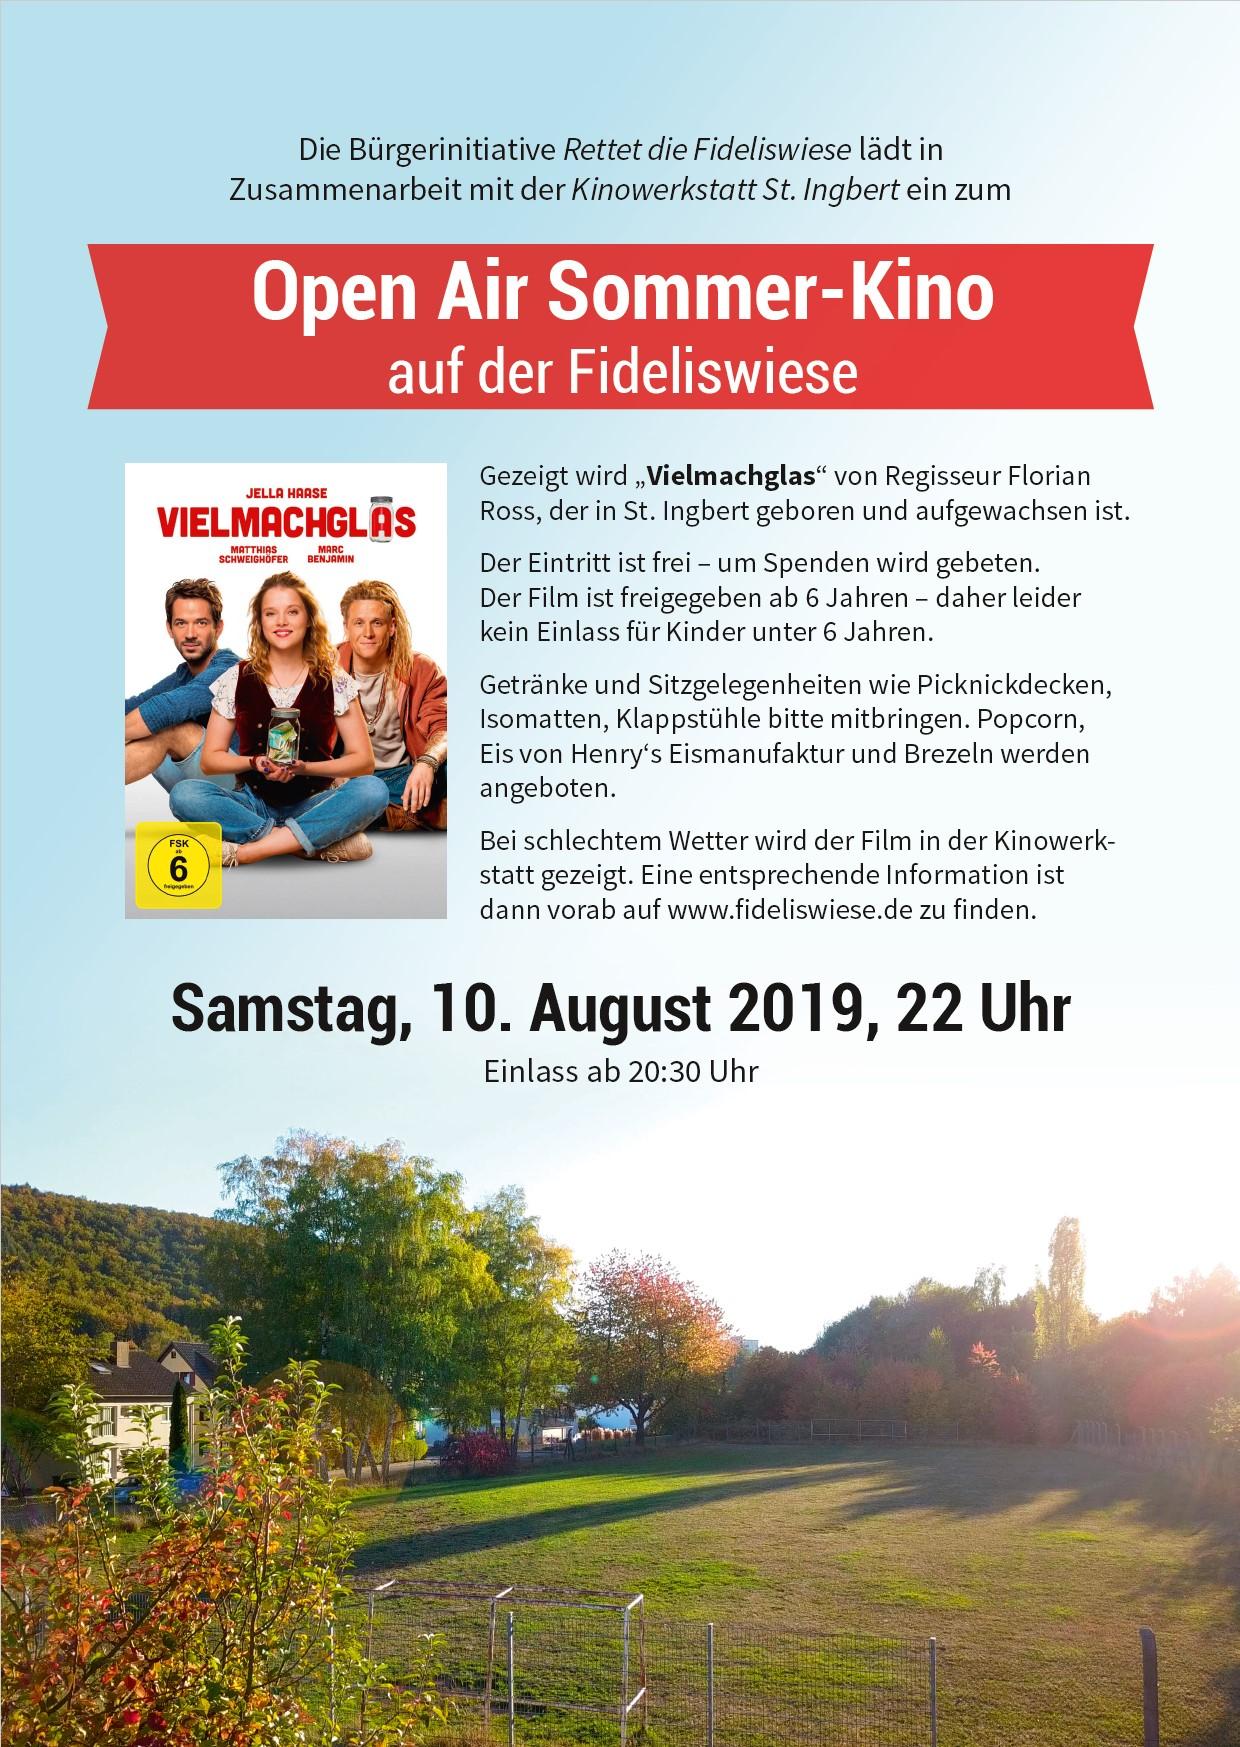 Open Air Sommer-Kino auf der Fideliswiese